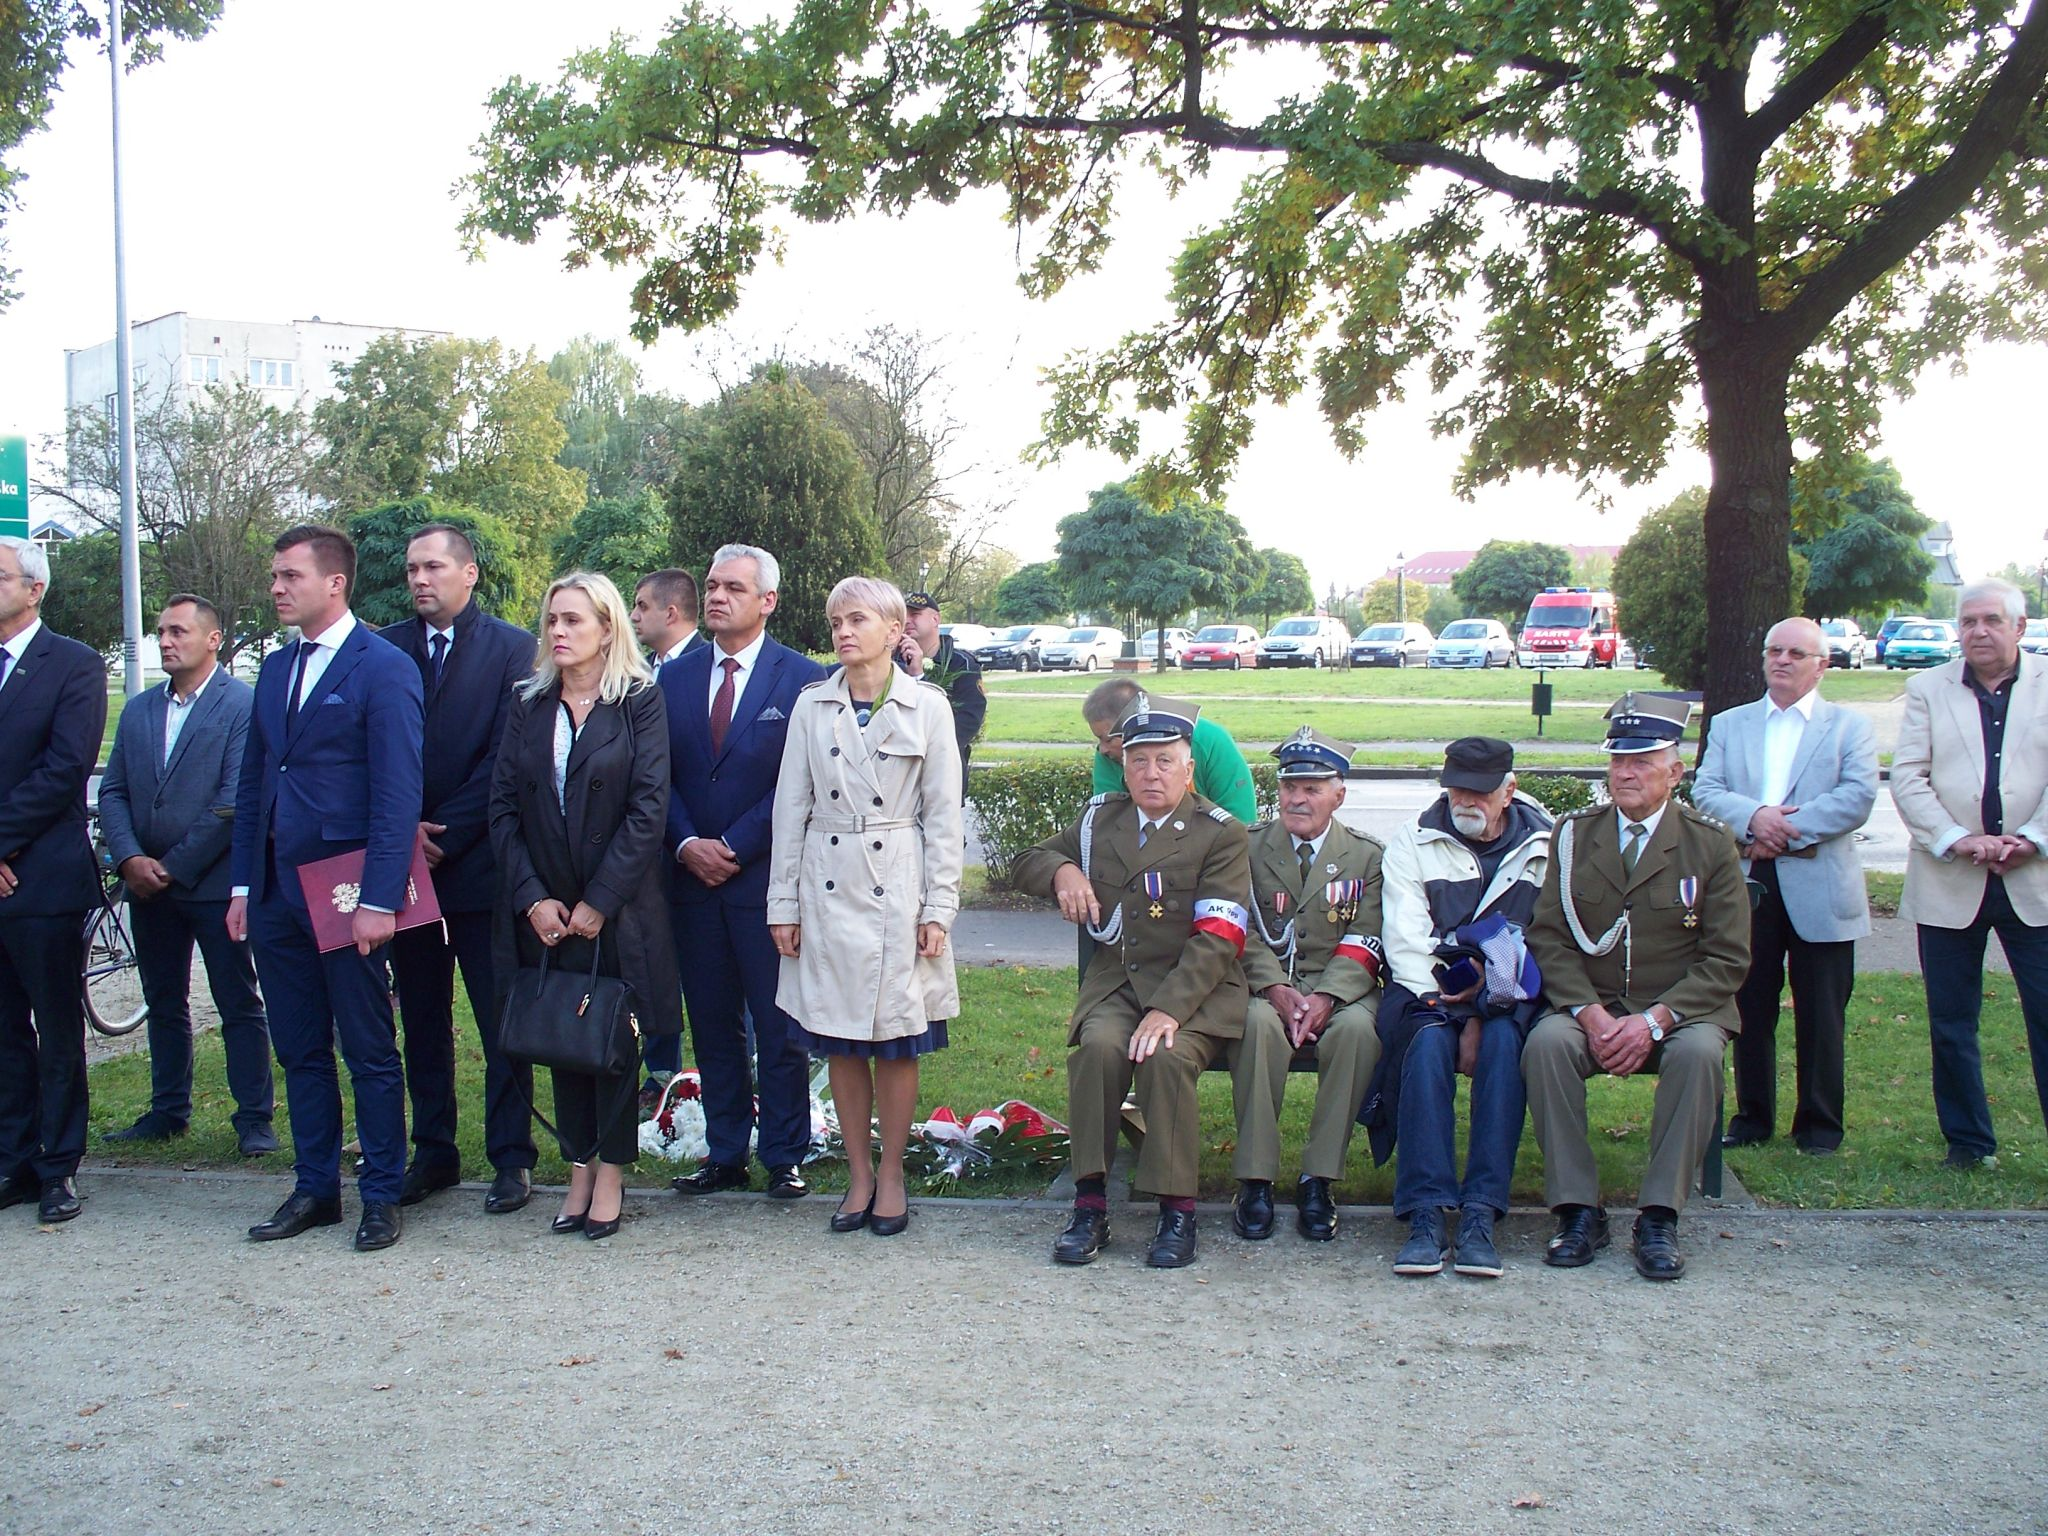 100 9678 Zamość: Obchody 80. rocznicypowstania Polskiego Państwa Podziemnego [ZDJĘCIA]